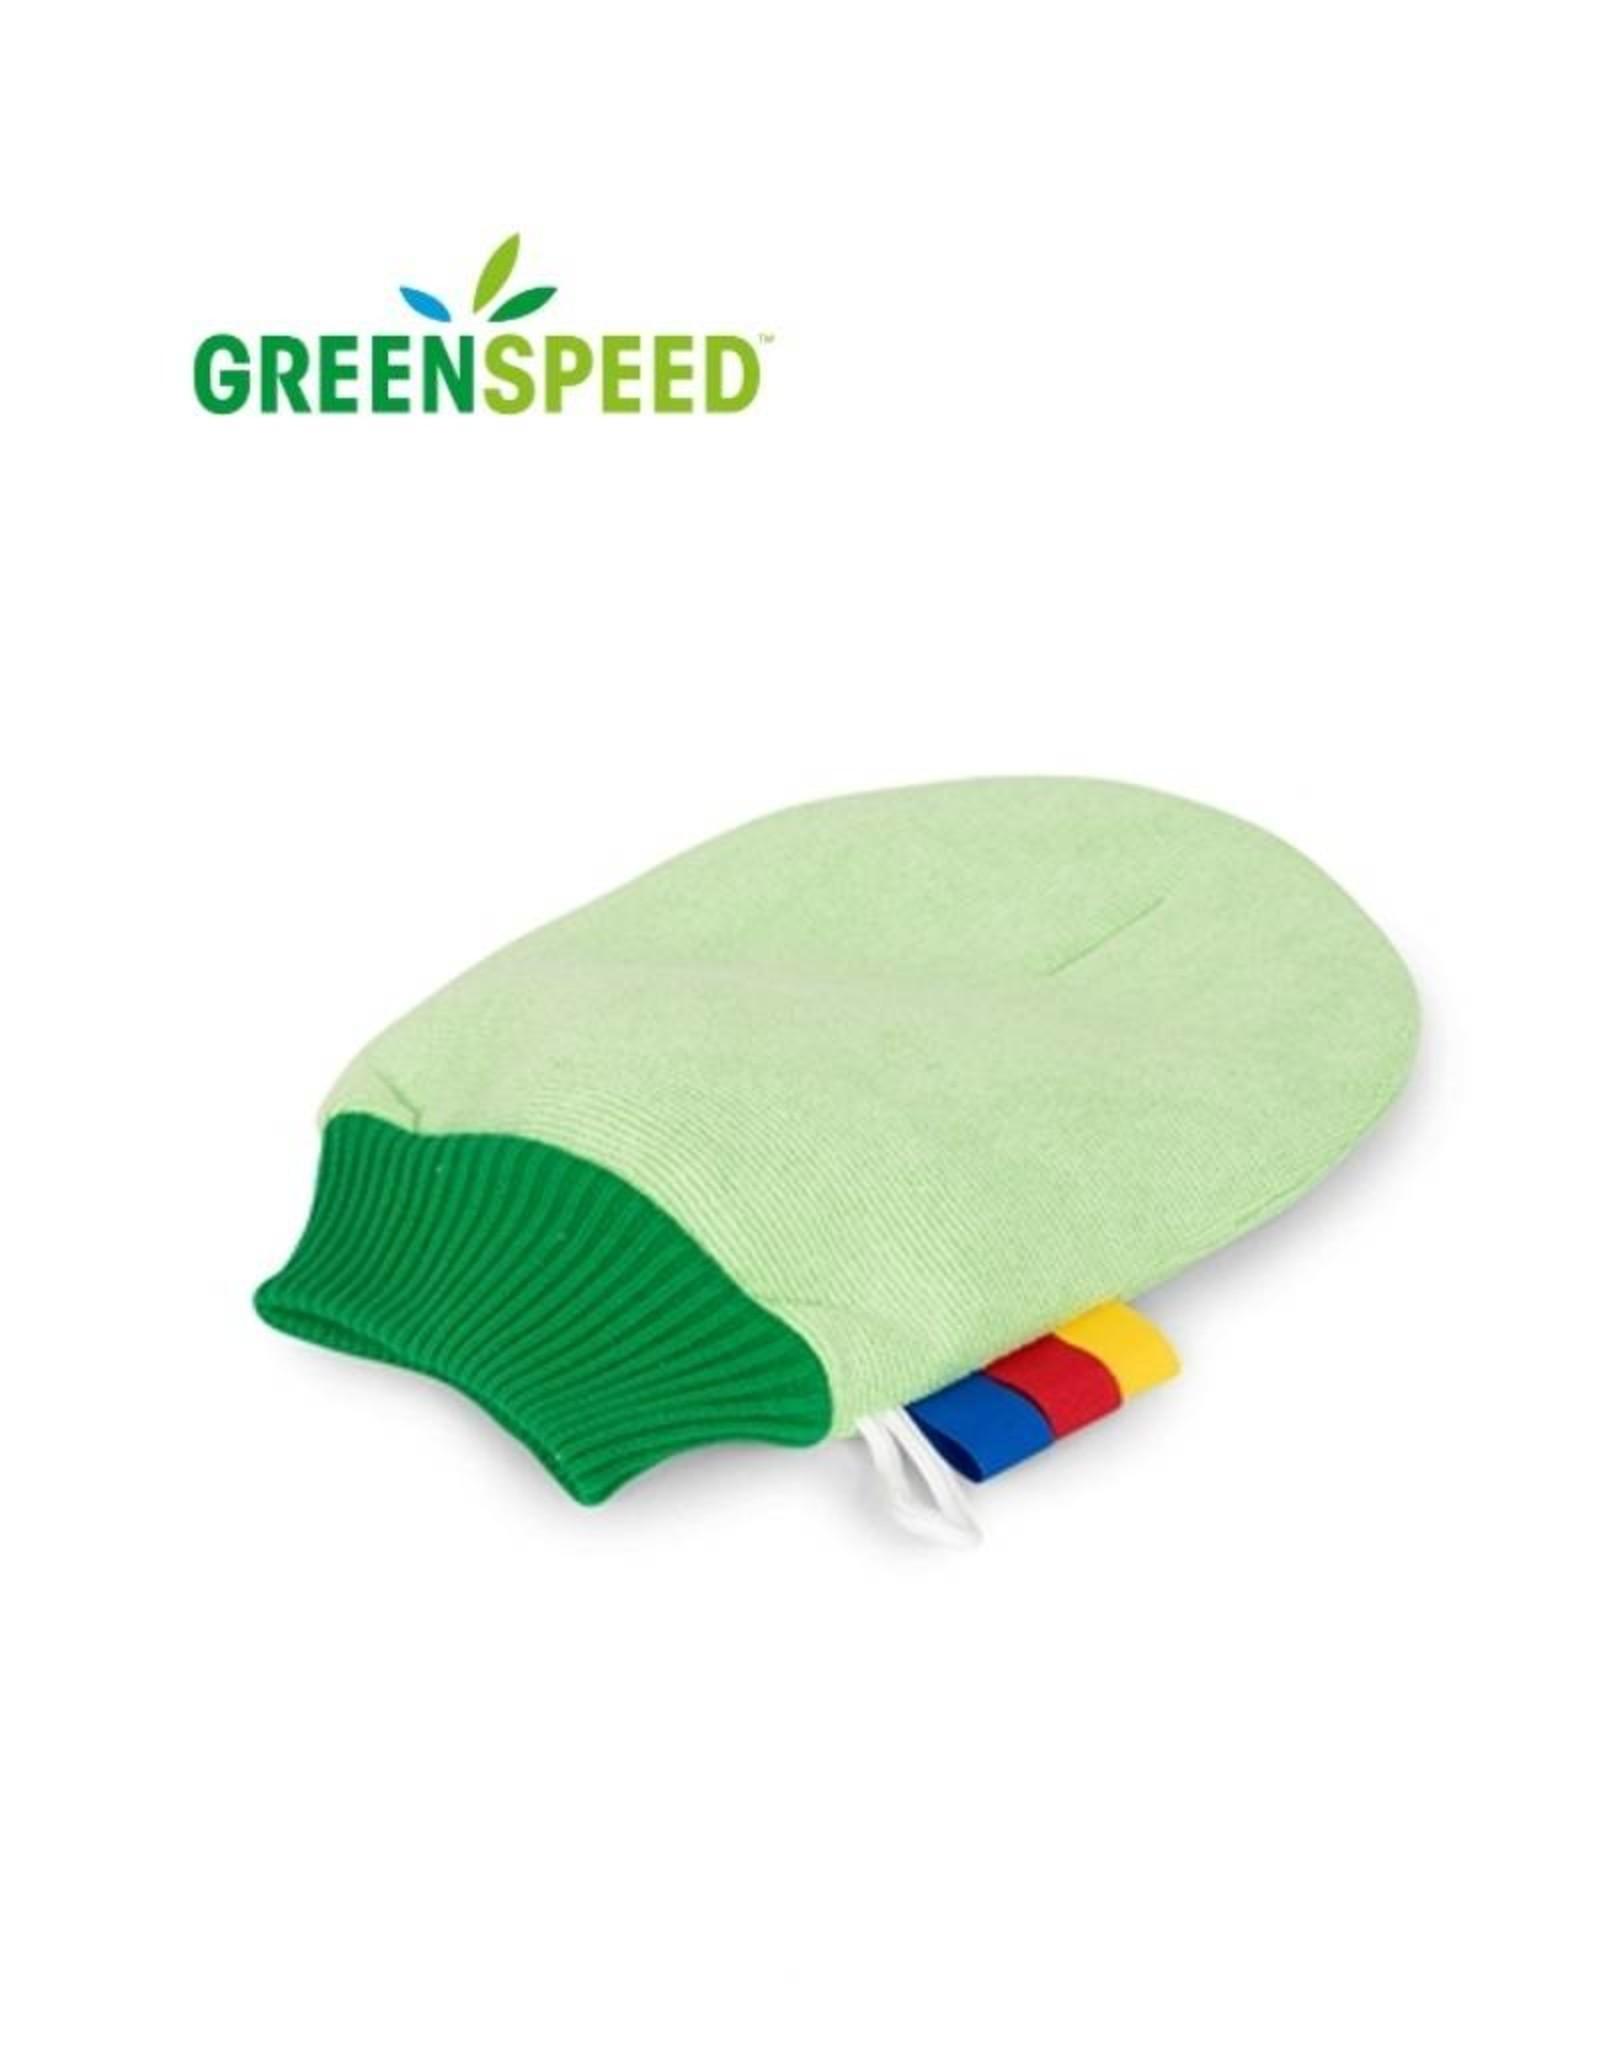 Greenspeed Greenspeed handschoen 'Original'